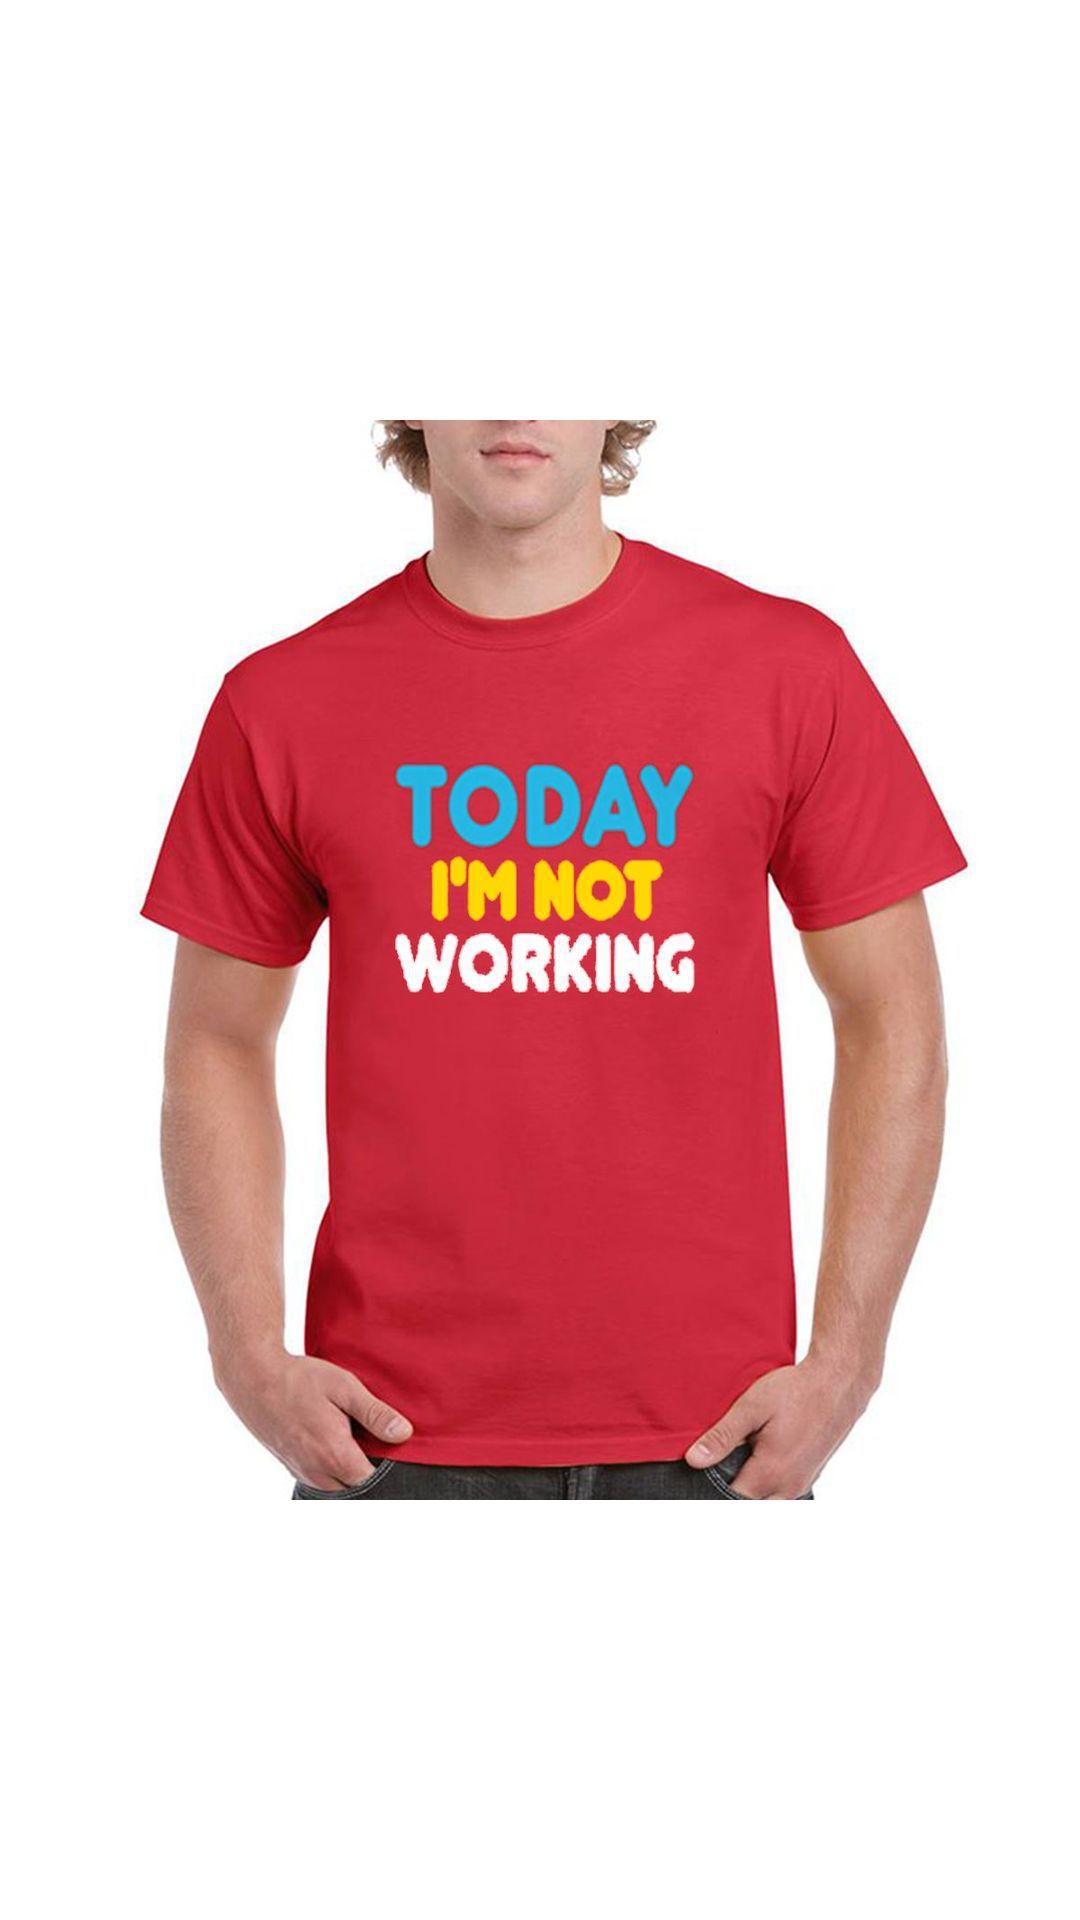 PINUSTORE Red Round T-Shirt